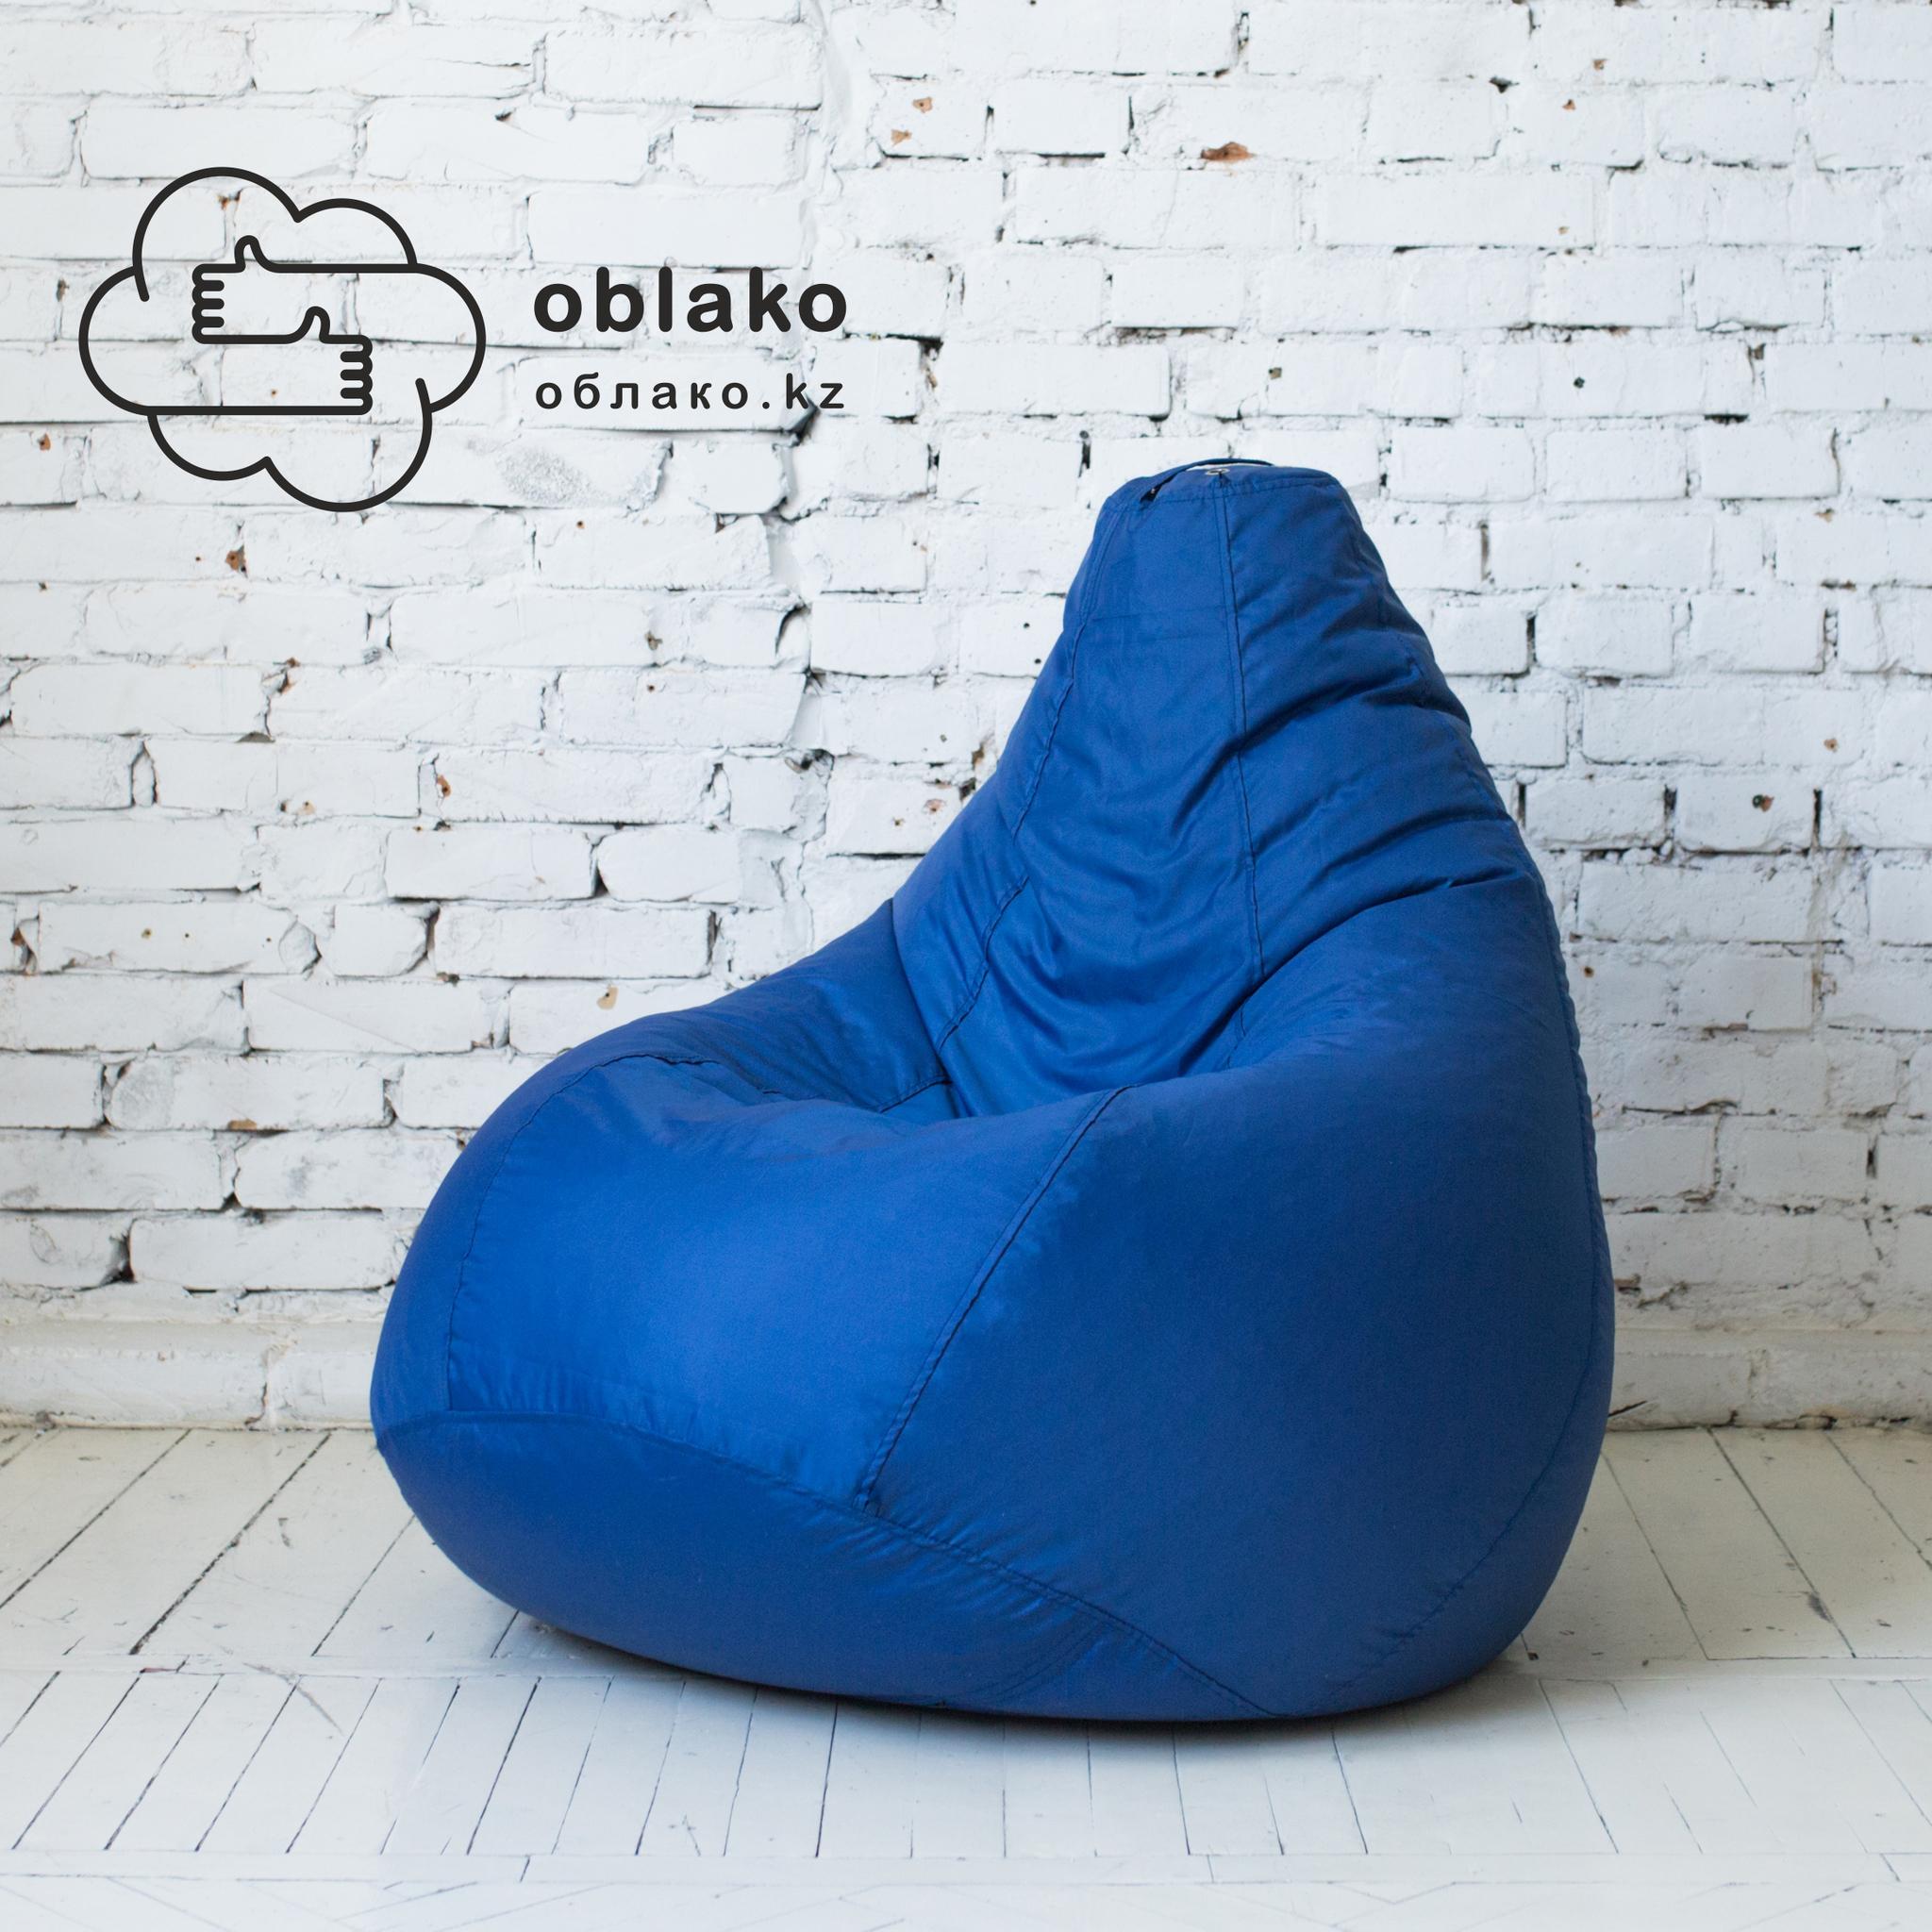 Груша М плащёвка, несъёмный чехол (синяя)